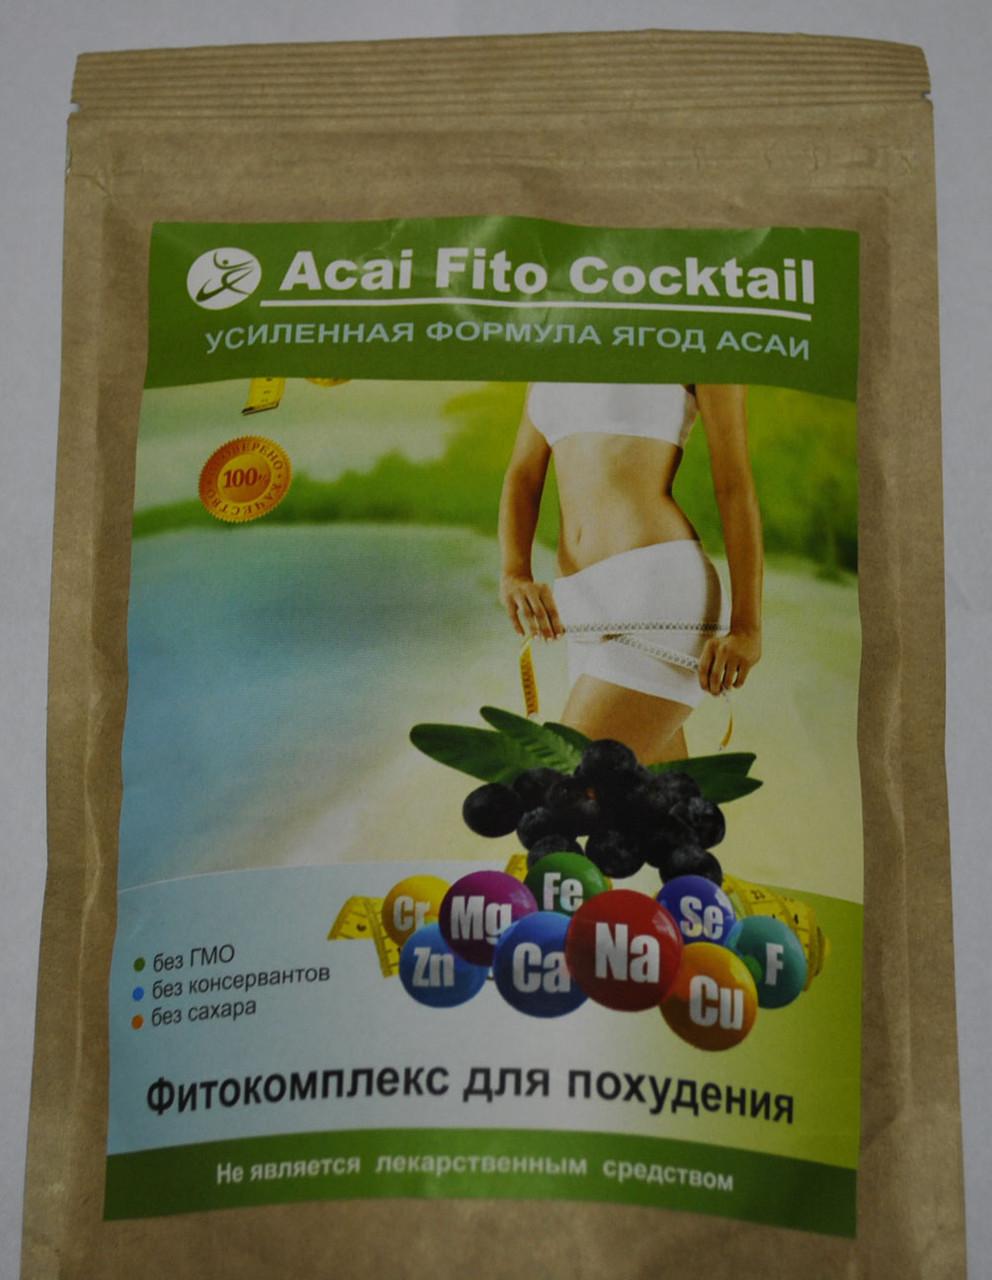 Acai Fito Cocktail - Ягоди Асаї для схуднення (Асаї Фіто Коктейль)